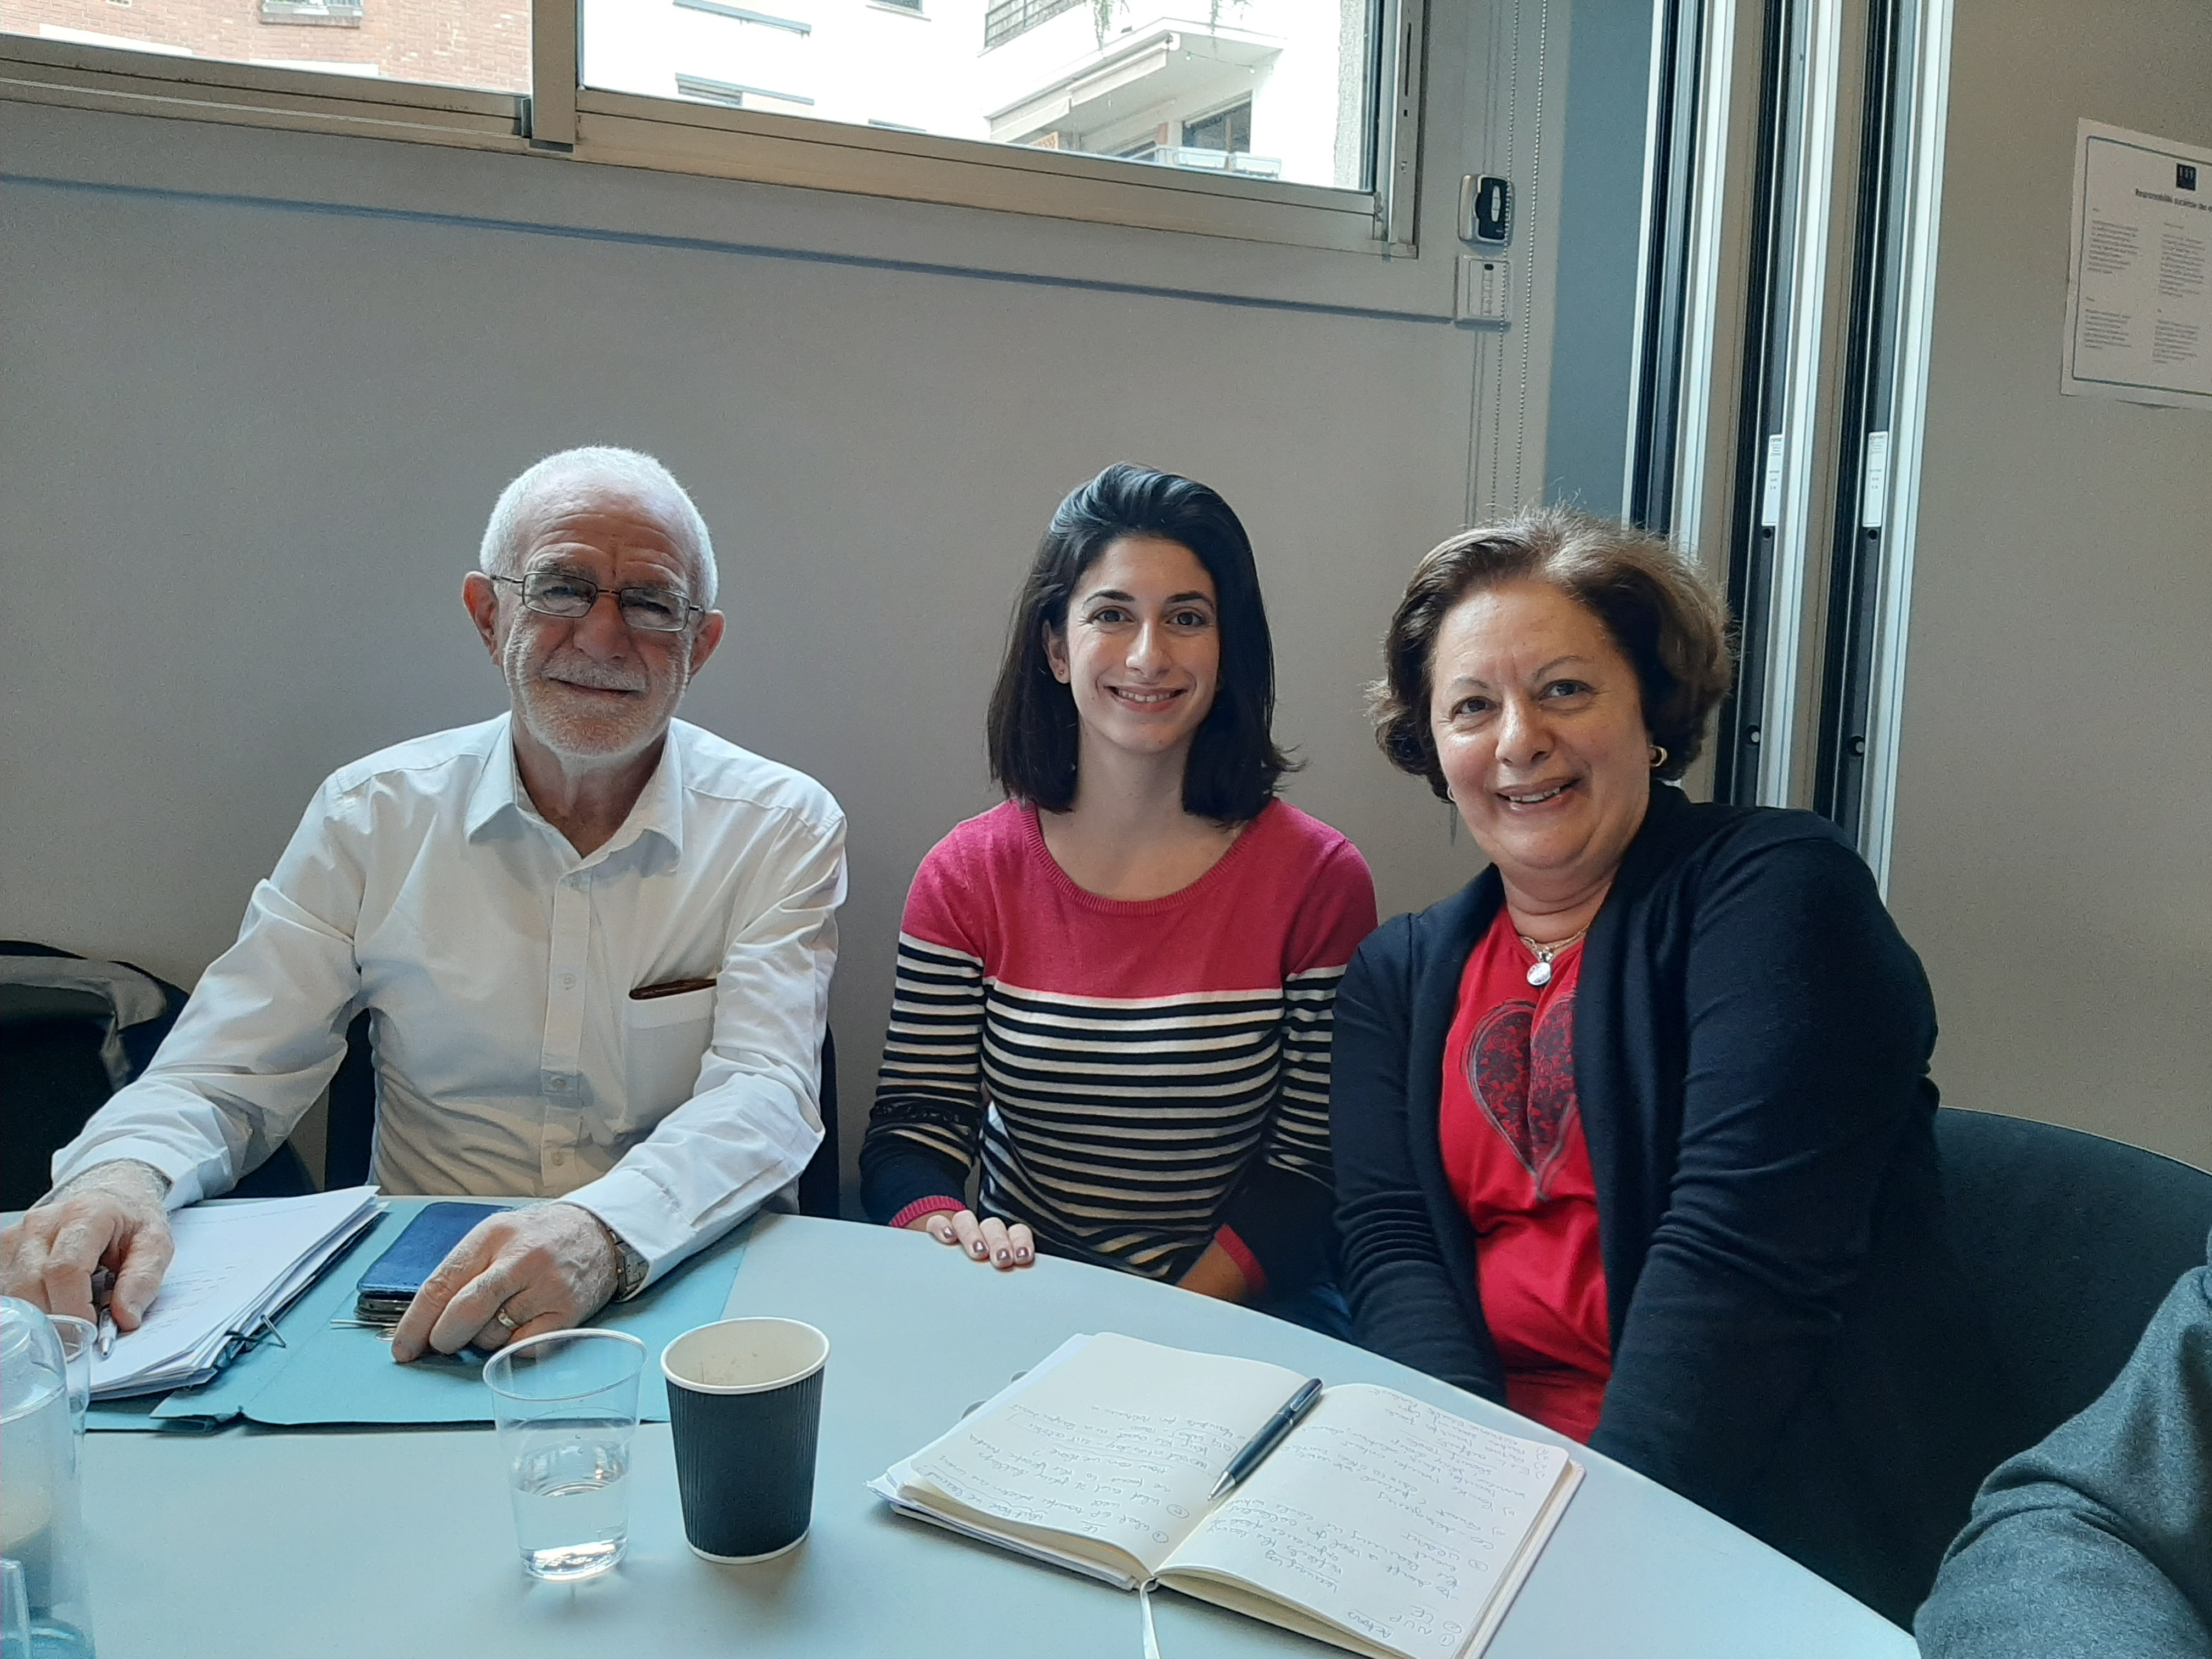 Επέστρεψε ο Δήμαρχος Αθηένου από το Παρίσι όπου πήρε μέρος στη συνάντηση 23 Δικτύων Μεταφοράς των Καλών Πρακτικών του Ευρωπαϊκού Προγράμματος URBACT